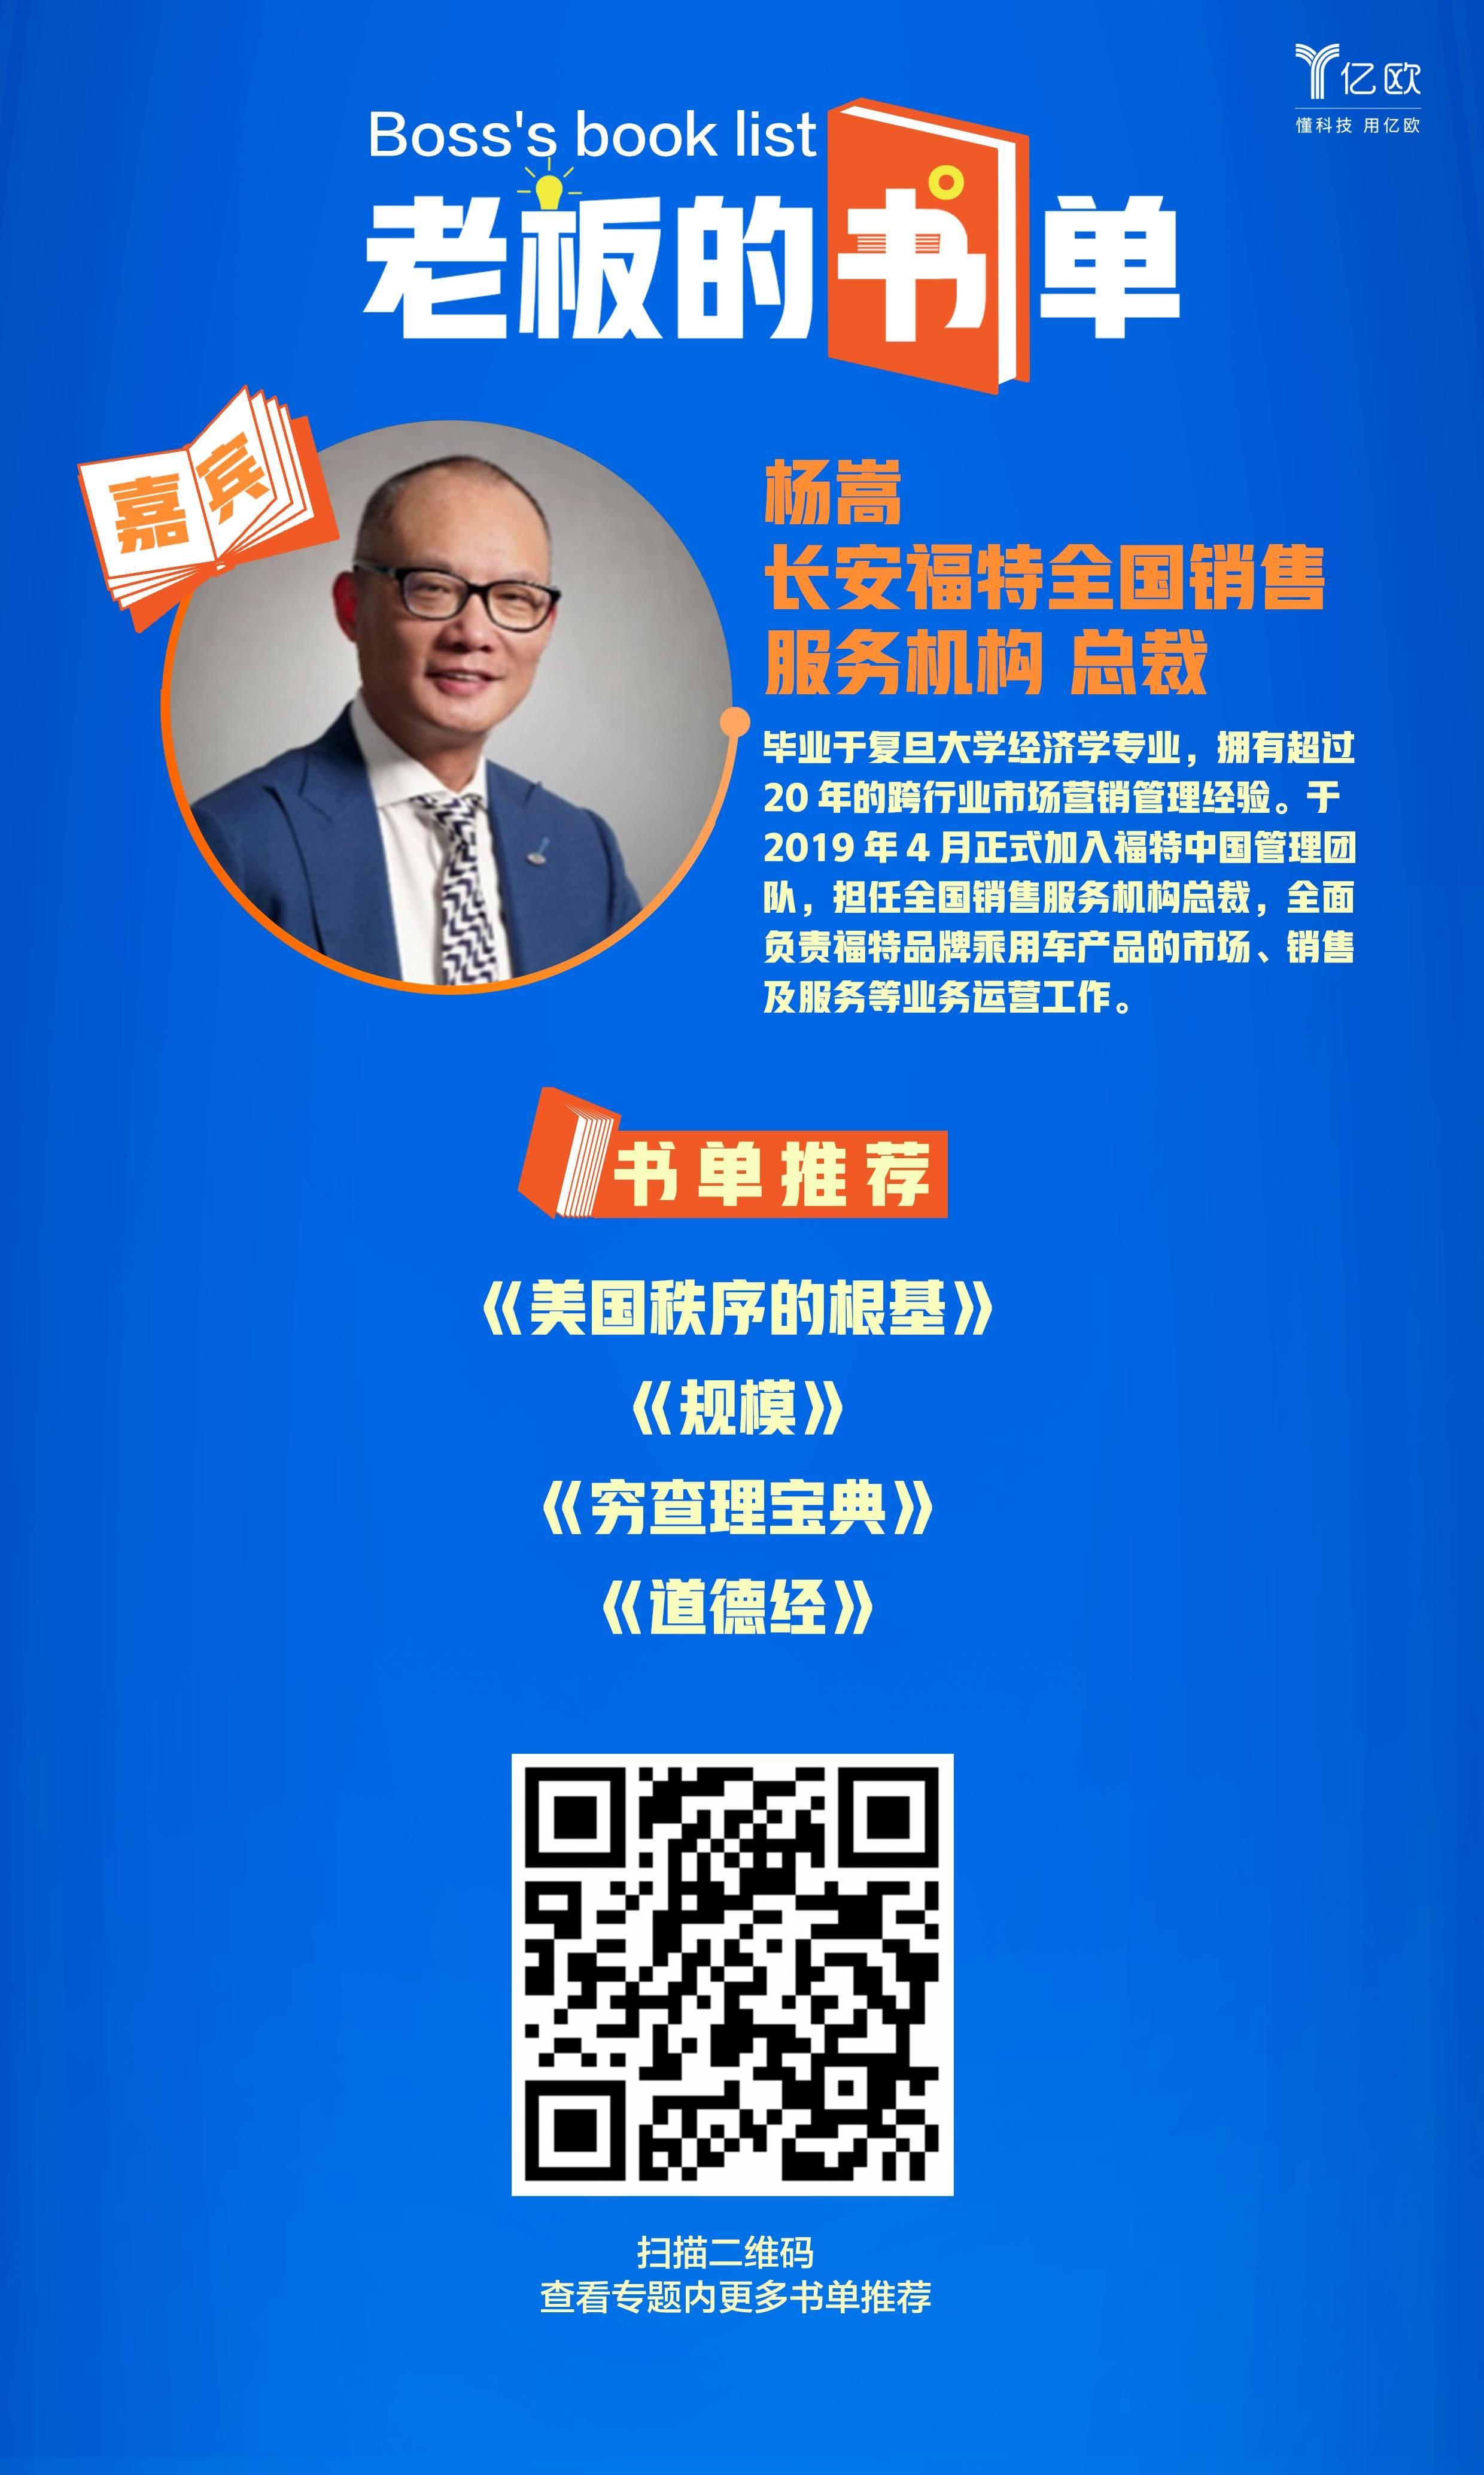 楊嵩-老板的書單